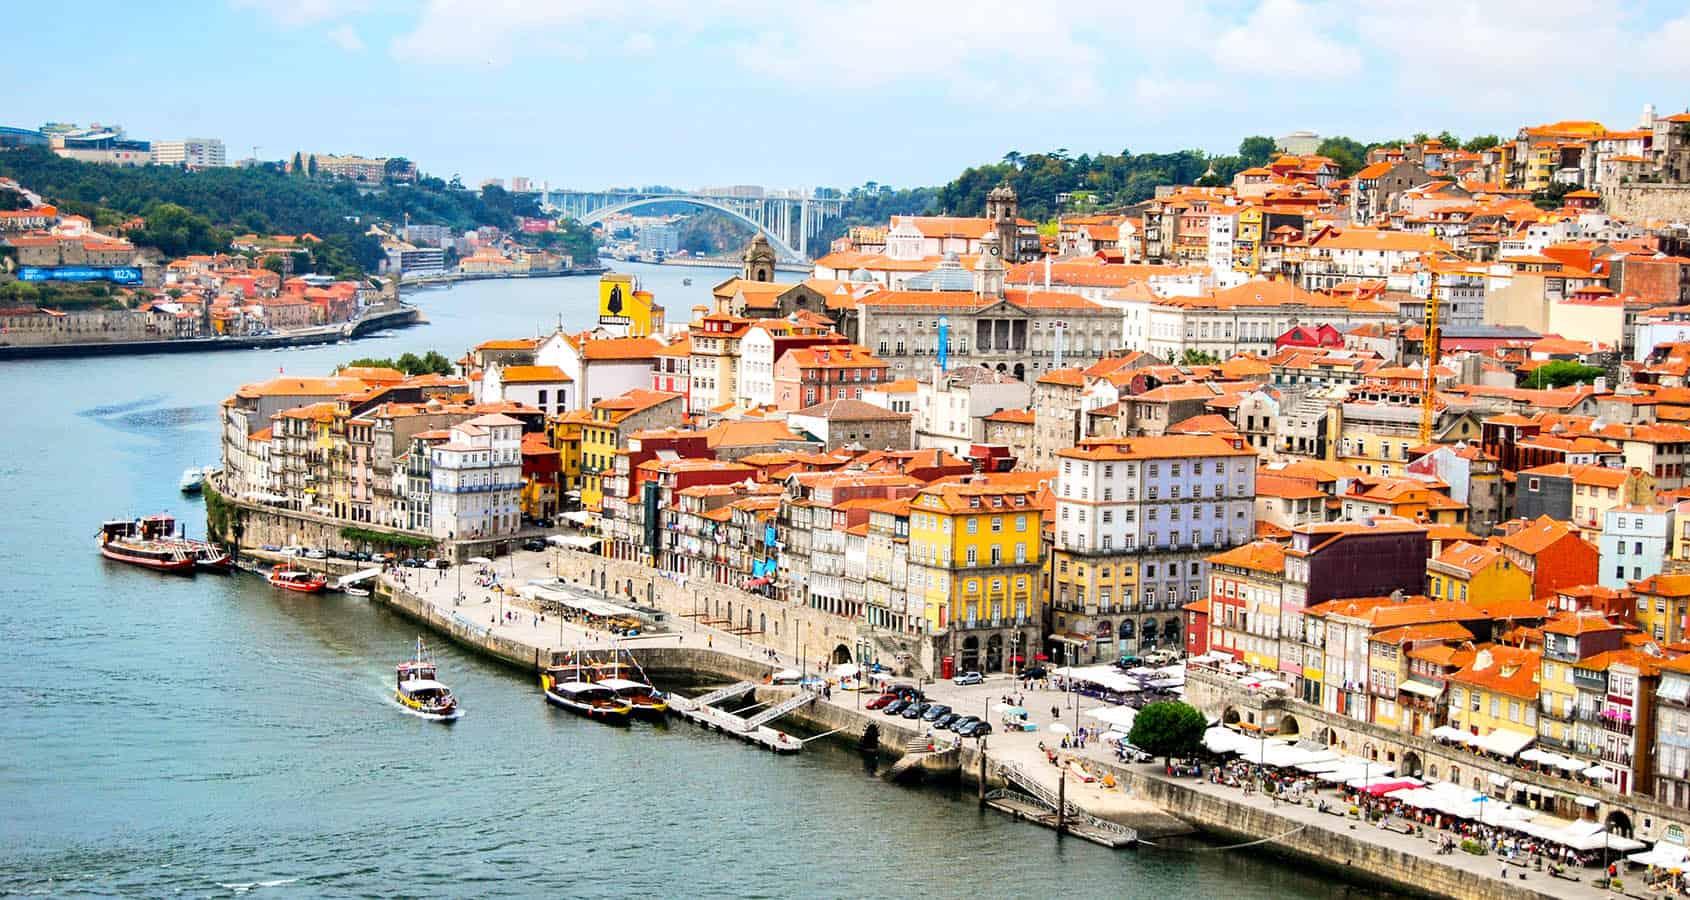 Portekiz'in Non-Habitual Residence Vergi Programı Nihai Halinde